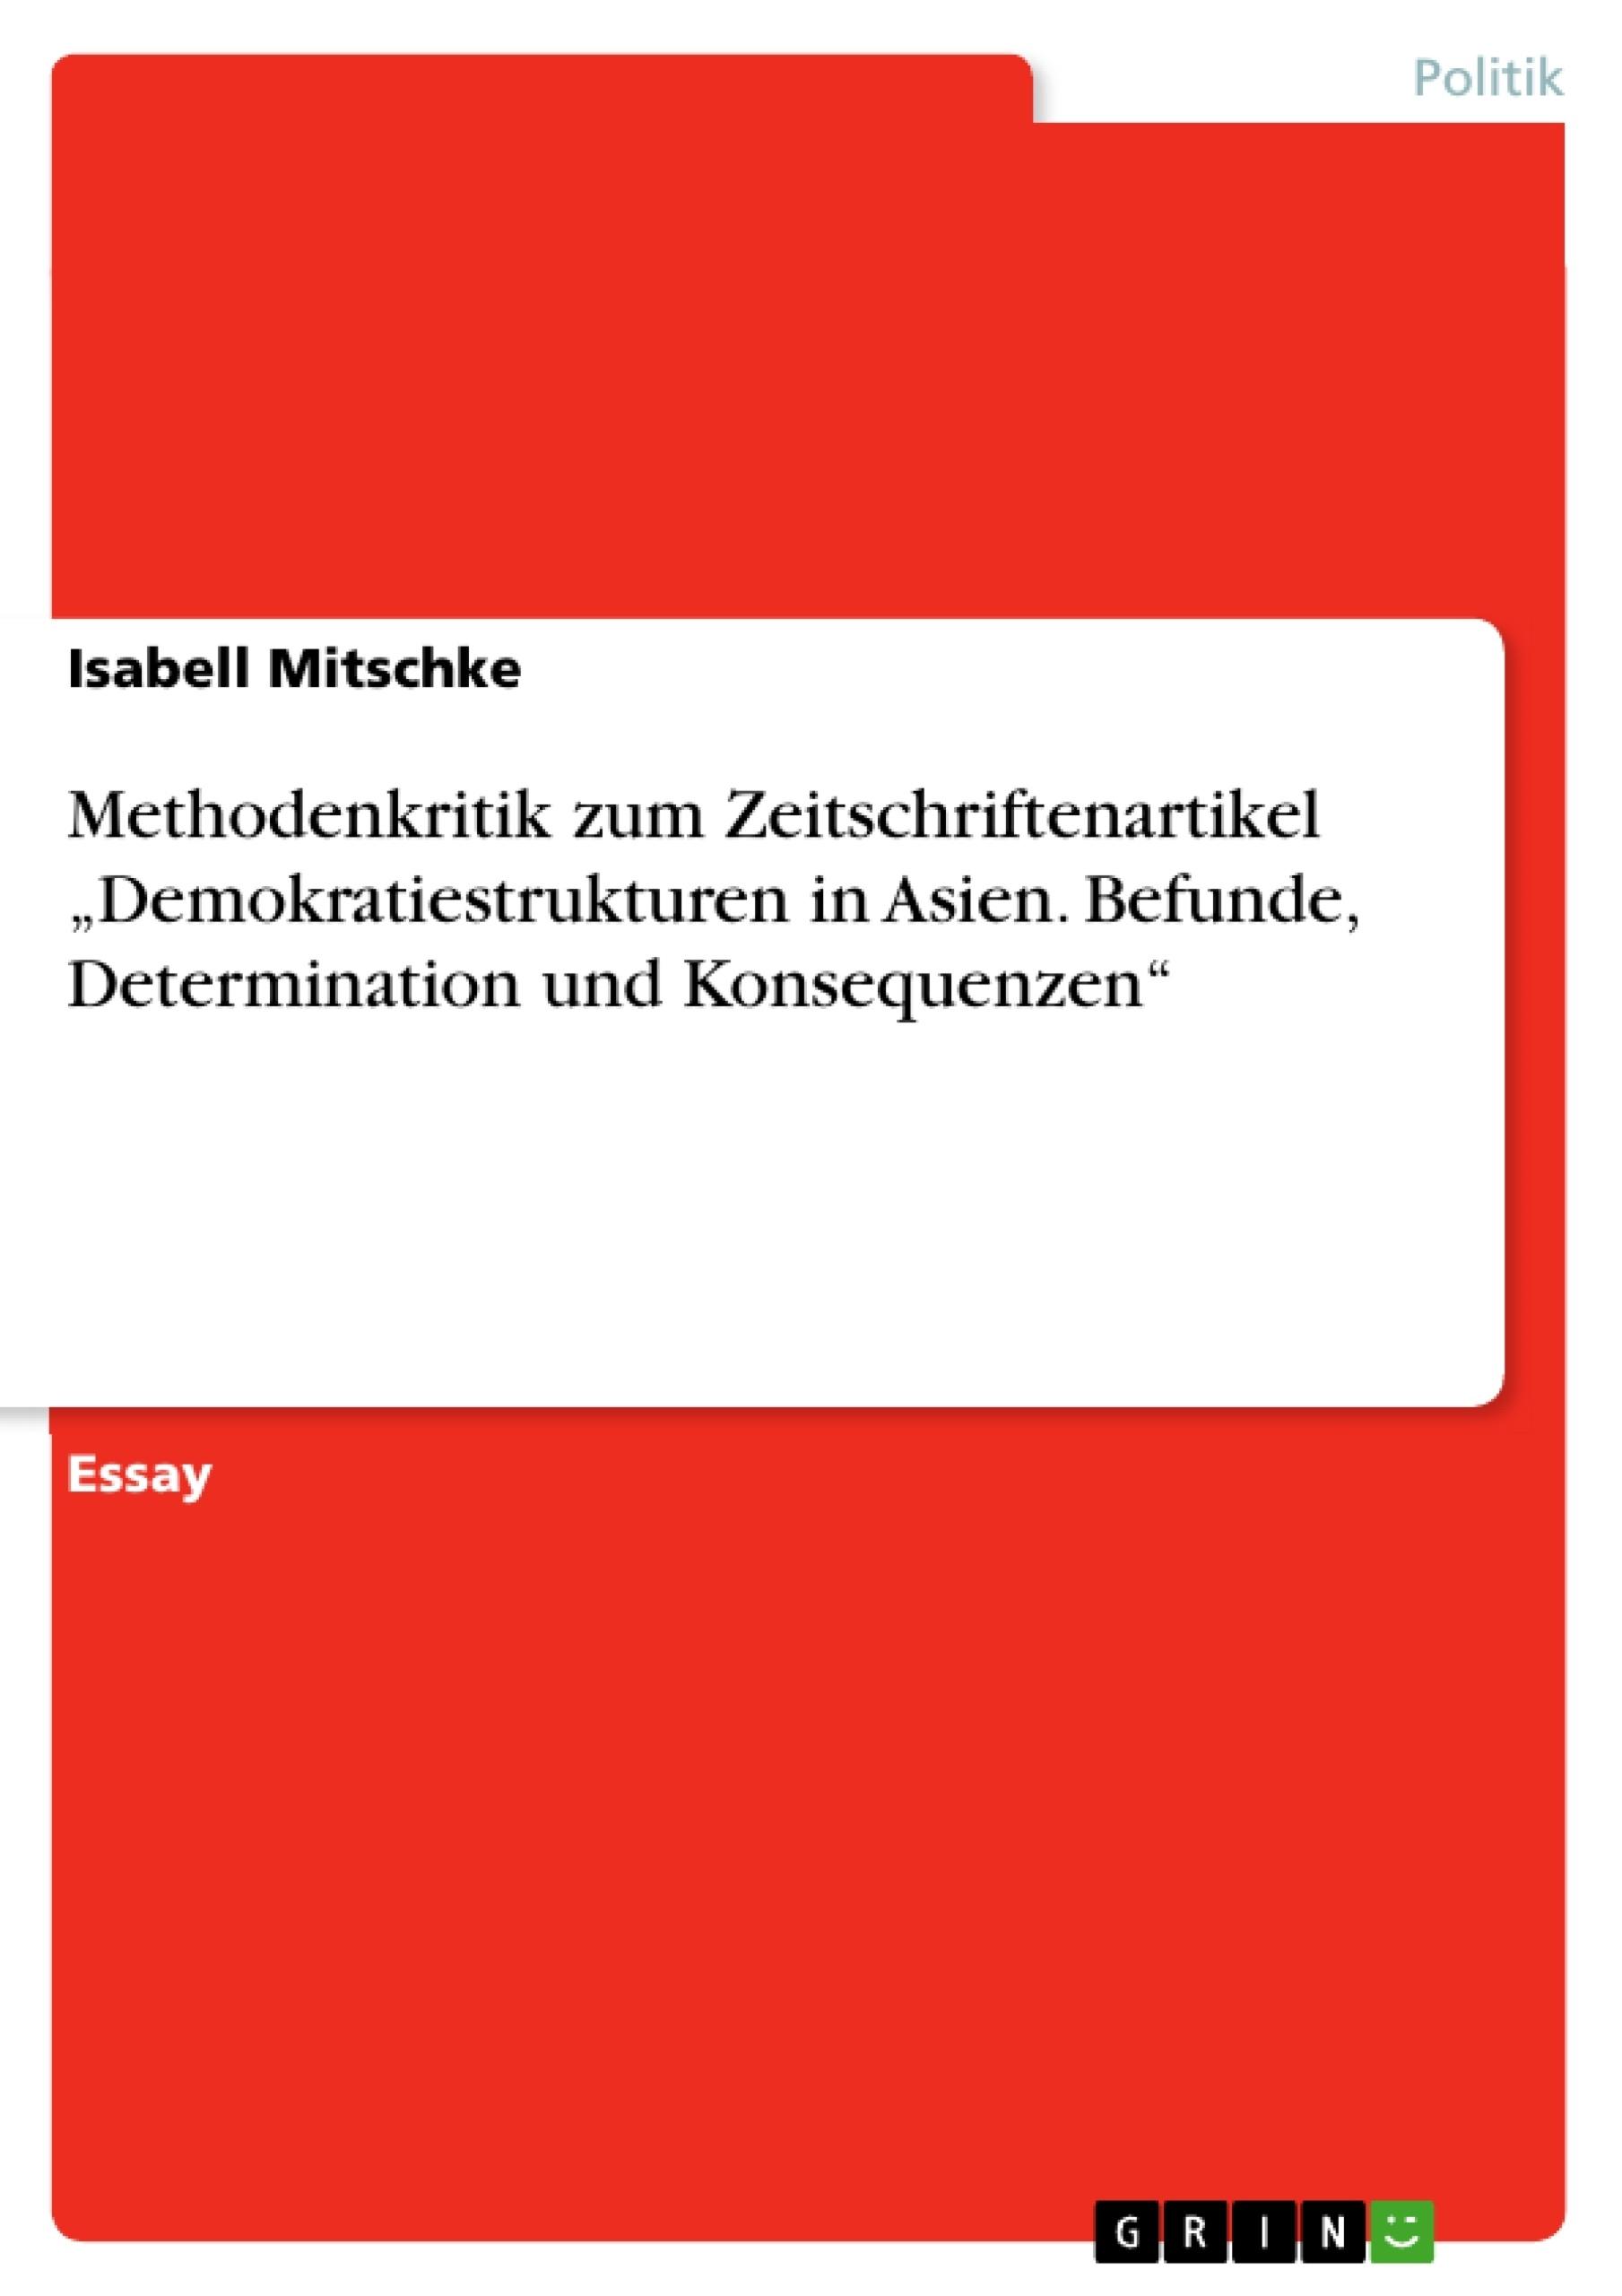 """Titel: Methodenkritik zum Zeitschriftenartikel """"Demokratiestrukturen in Asien. Befunde, Determination und Konsequenzen"""""""